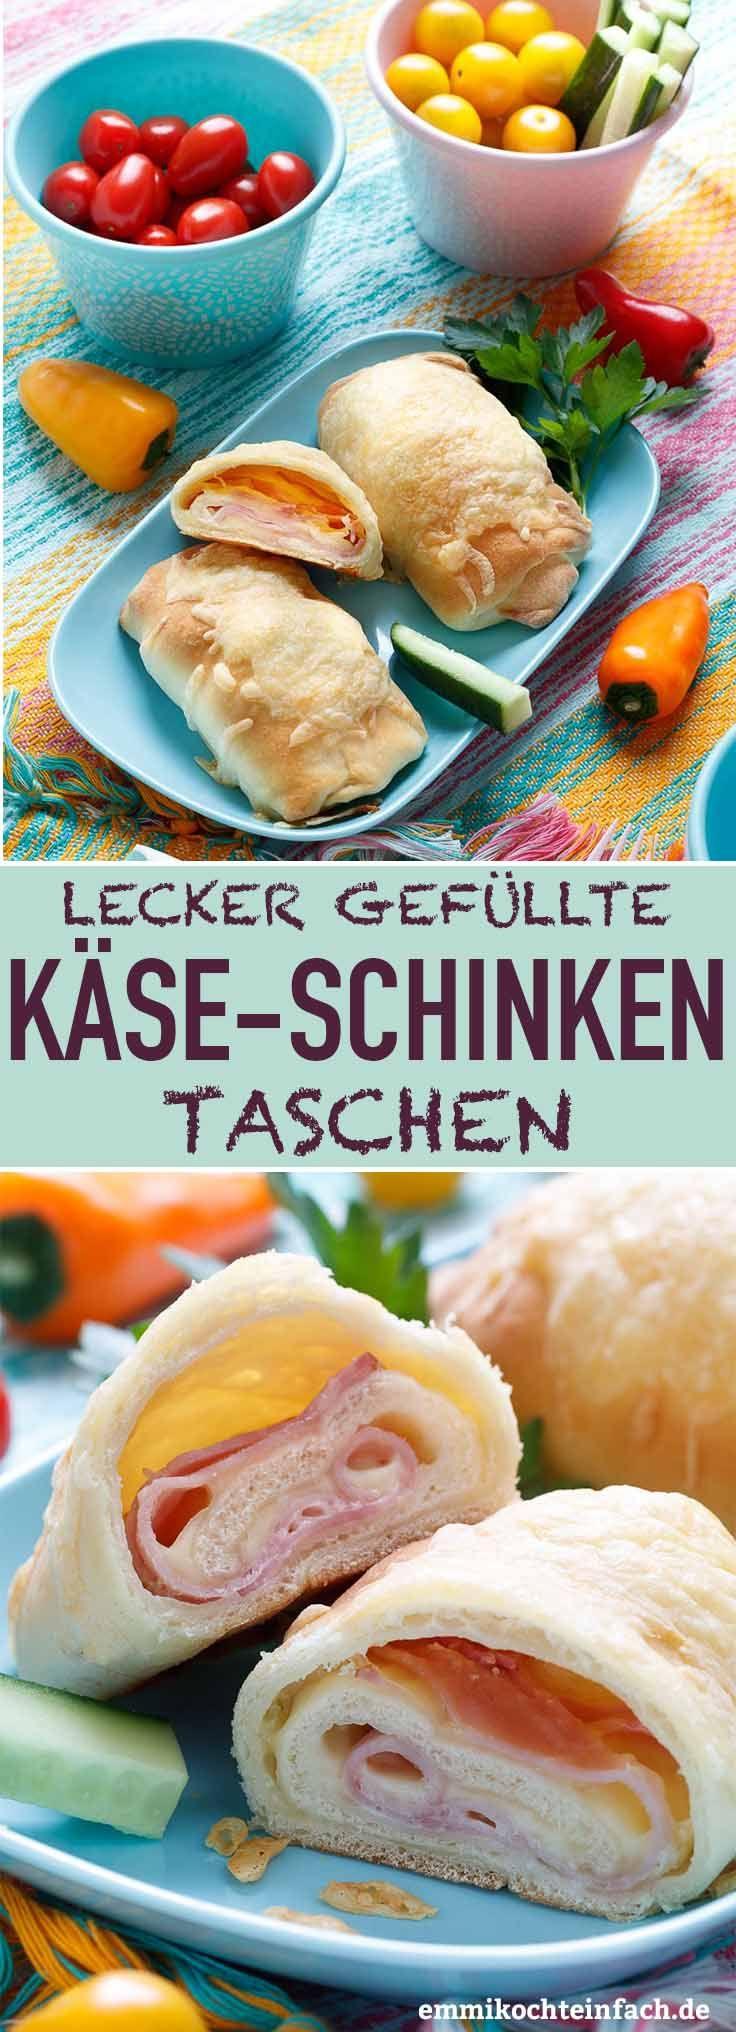 Gefüllte Käse Schinken Taschen - emmikochteinfach